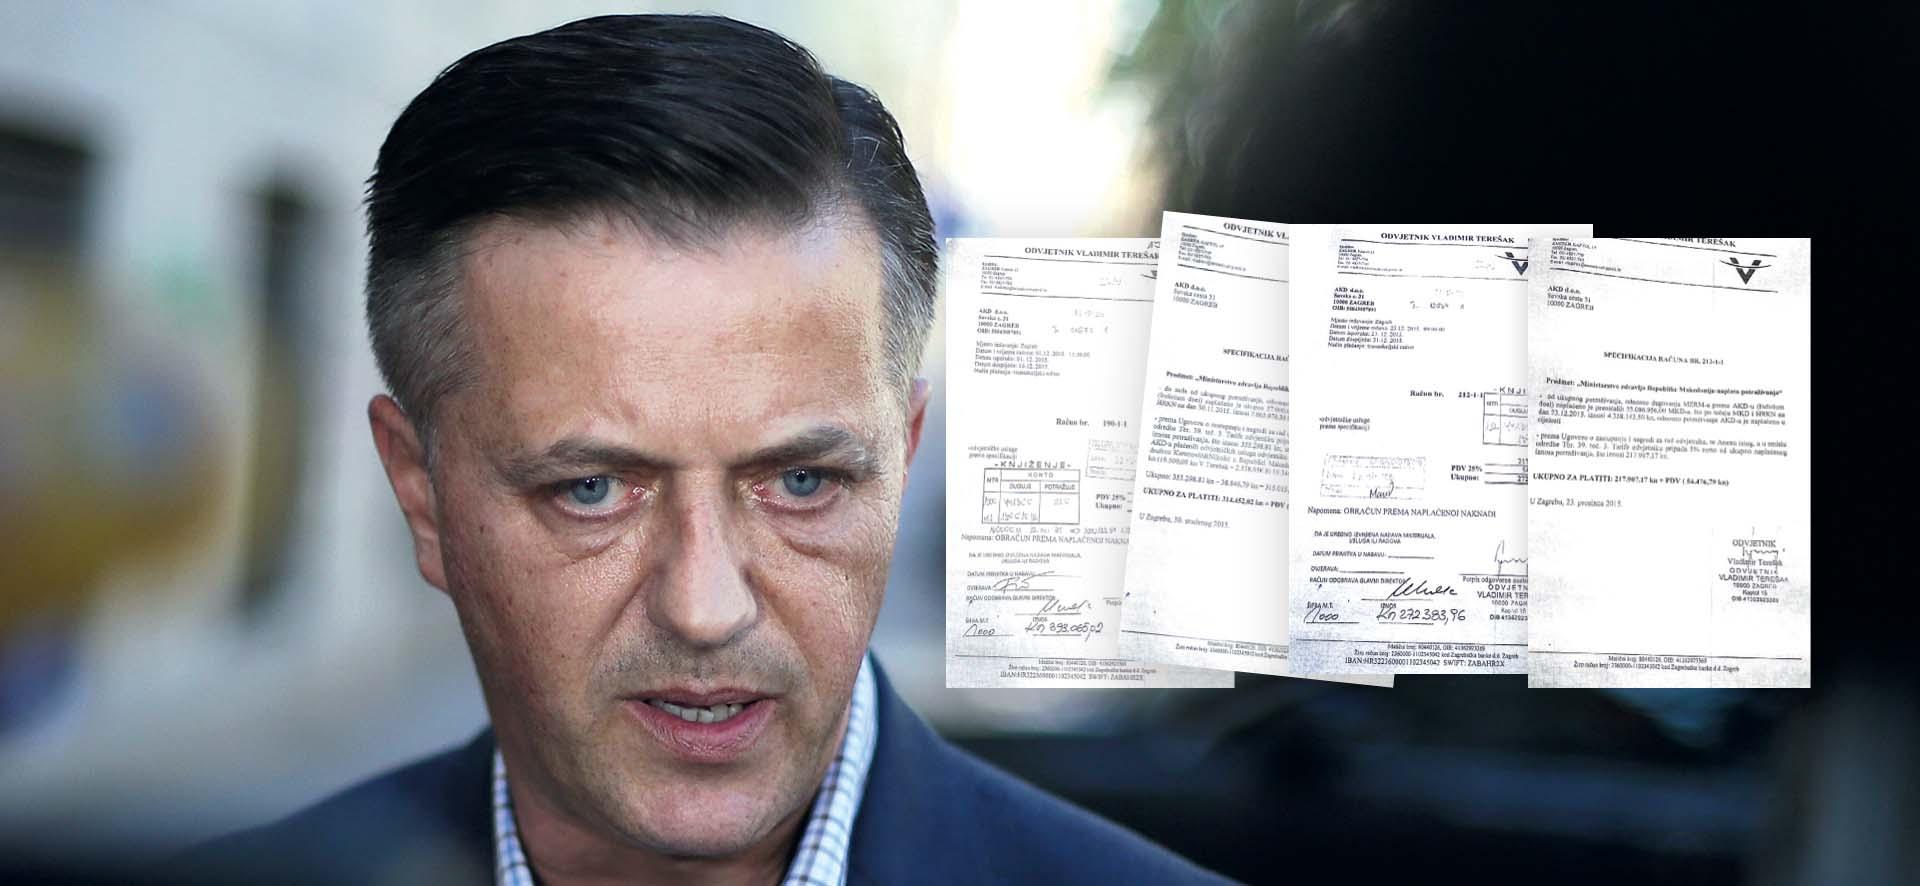 Policija sumnja da je AKD odvjetniku HDZ-a nelegalno isplatio 660 tisuća kuna honorara